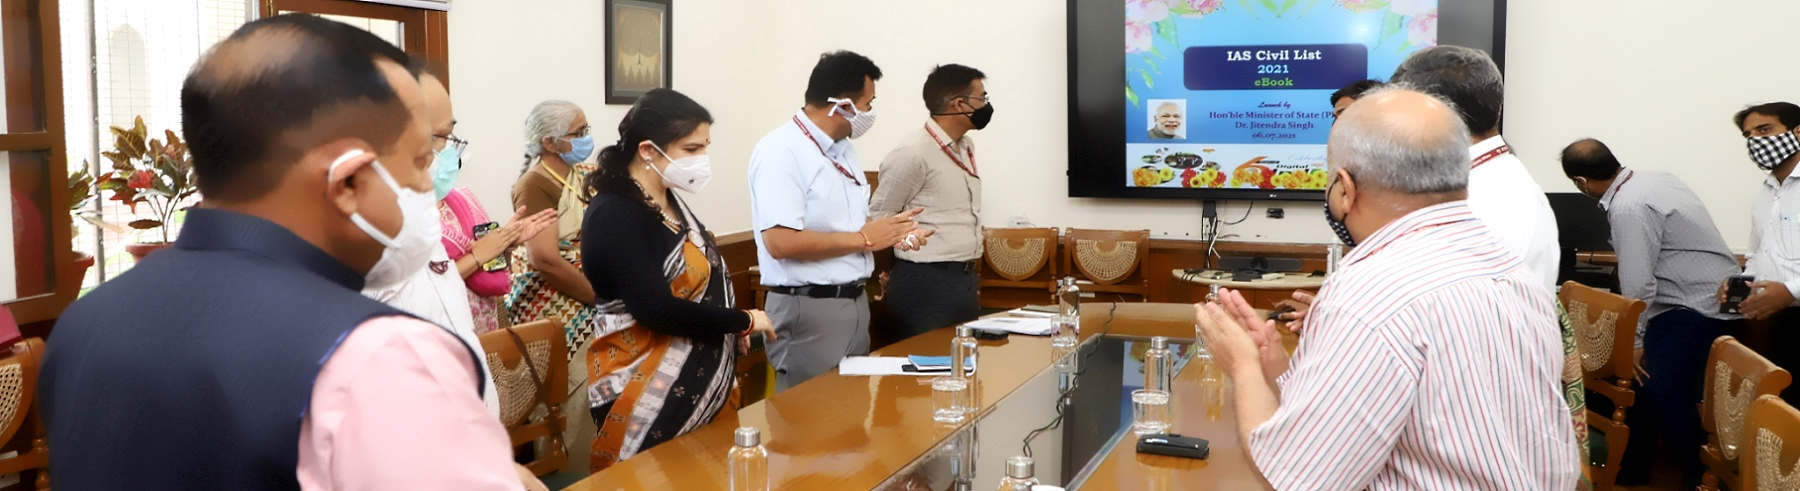 डॉ जितेंद्र सिंह, माननीय कार्मिक राज्य मंत्री के द्वारा आई. ए. एस. अधिकारियों से संबंधित ई- सिविल लिस्ट 2021 का विमोचन ।